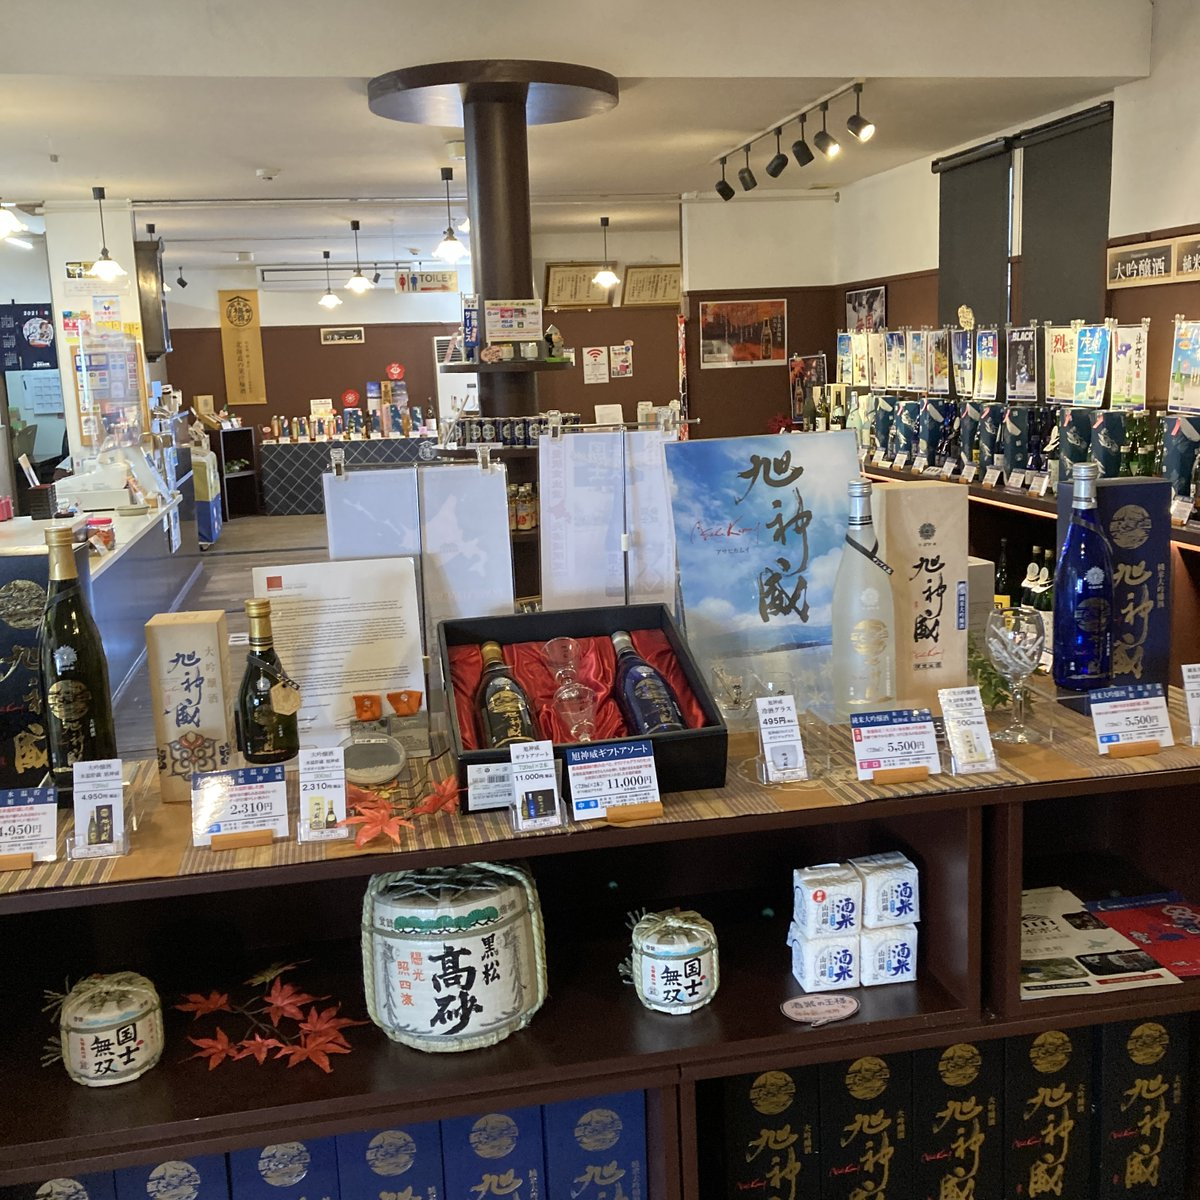 test ツイッターメディア - 酒蔵探訪 242蔵目 旭川の高砂酒造さん。メインは国士無双ですね。 旭川駅からてくてく歩いて15分ほど。広々とした街ですね。。直売所が充実しています! https://t.co/SLTjEfXYjI